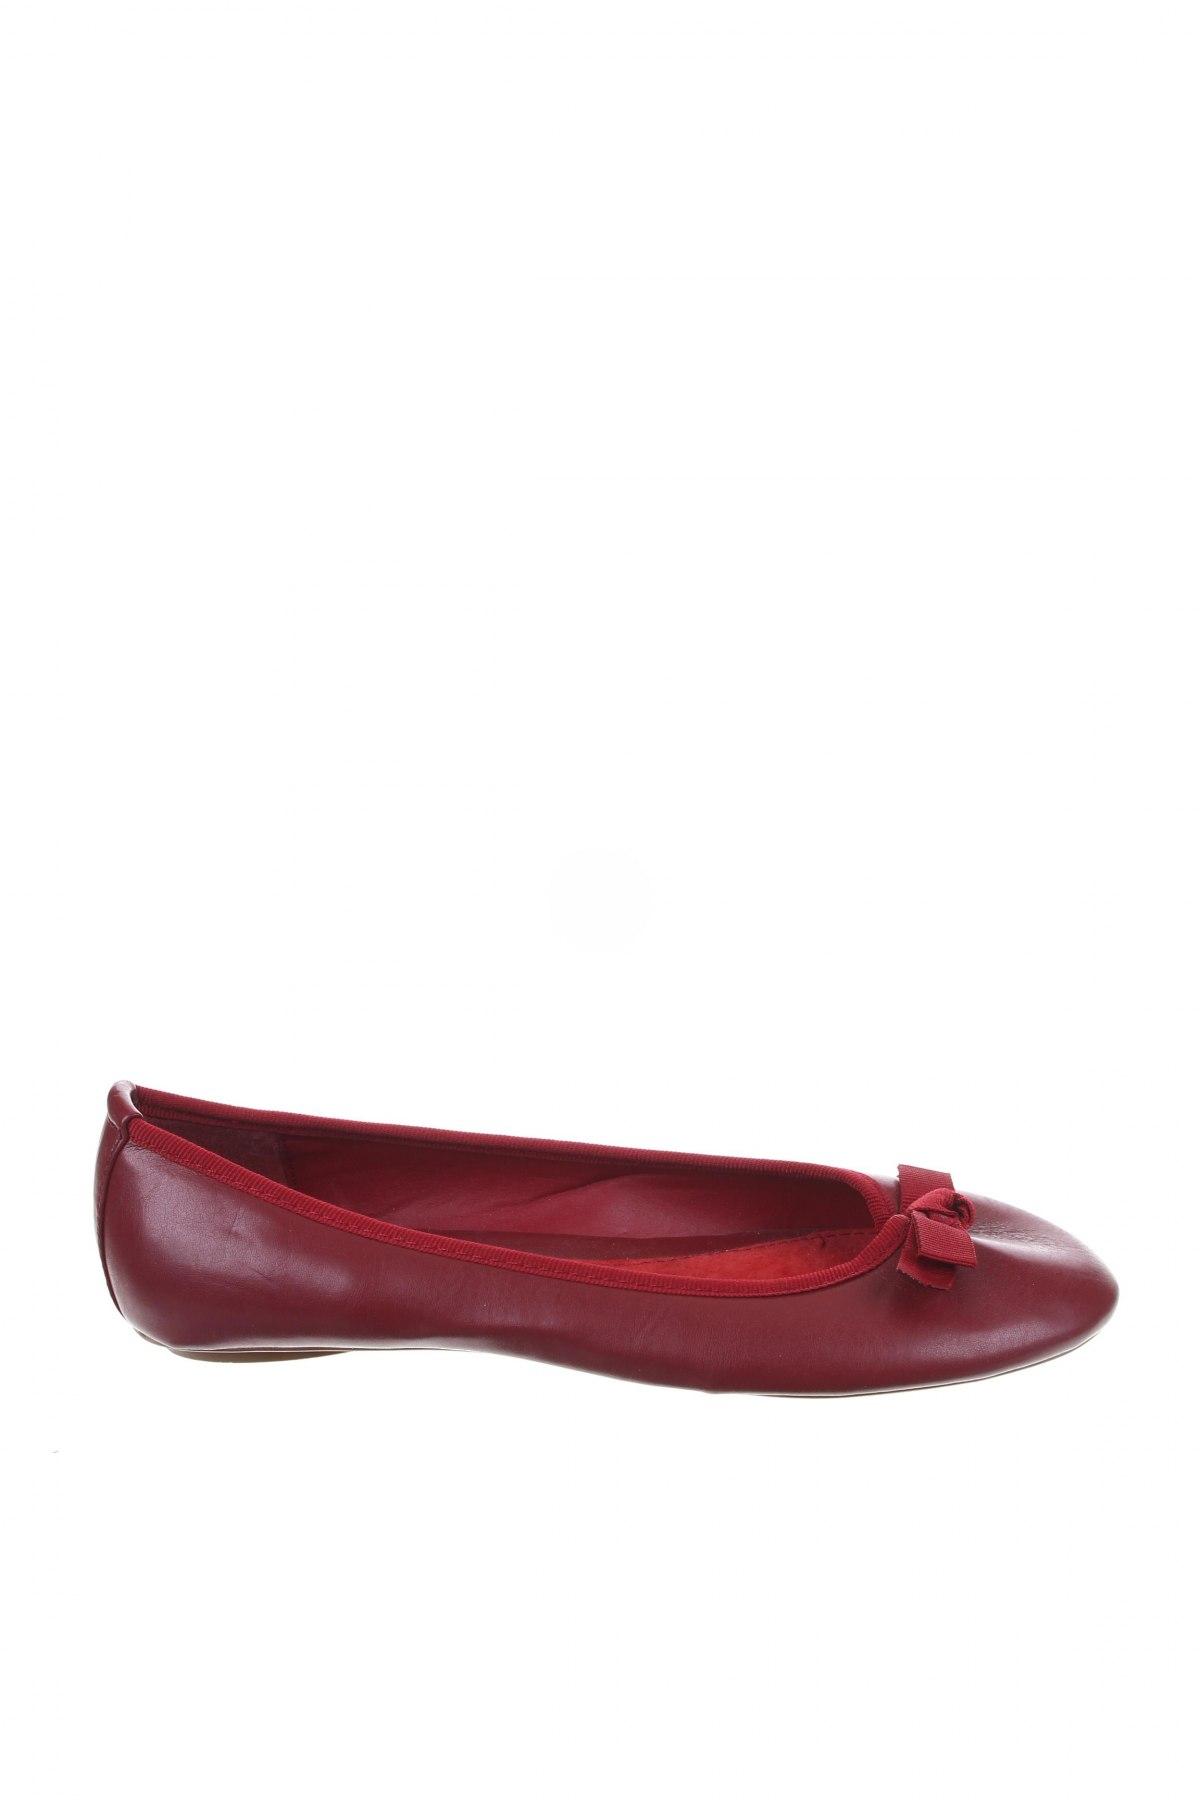 Γυναικεία παπούτσια Camaieu, Μέγεθος 36, Χρώμα Κόκκινο, Γνήσιο δέρμα, Τιμή 11,08€